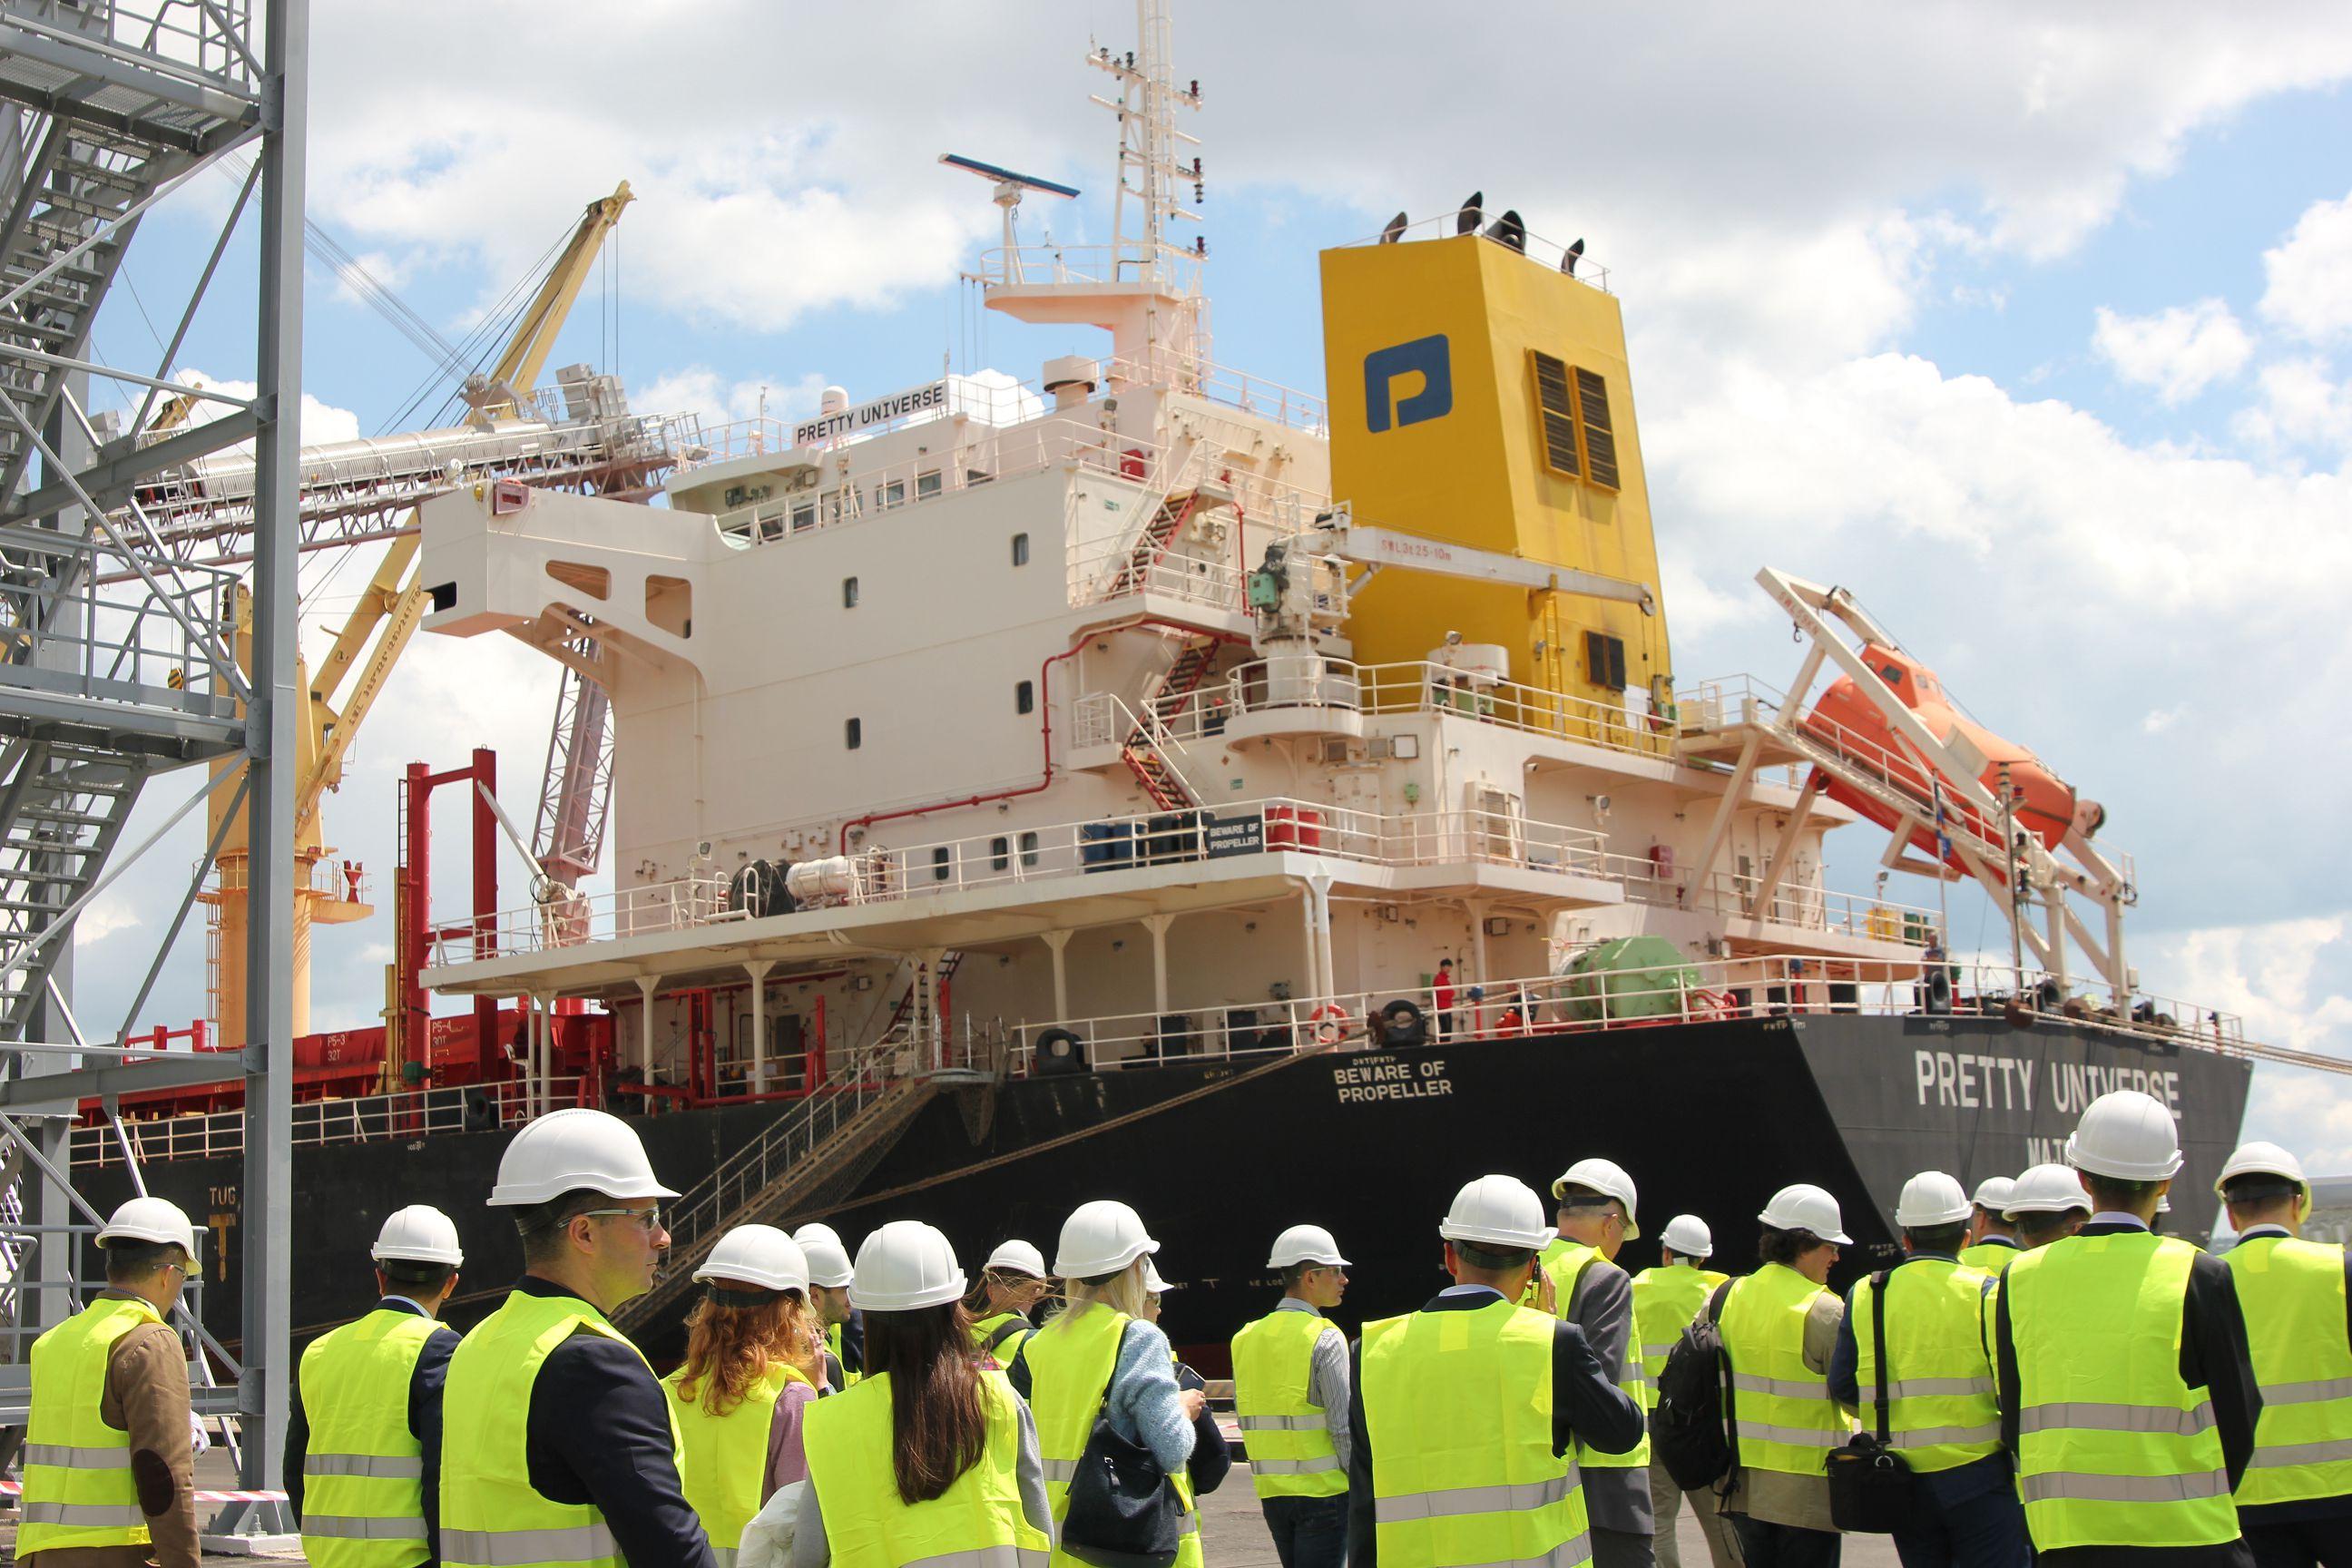 COFCO Agri открыла самый современный морской терминал